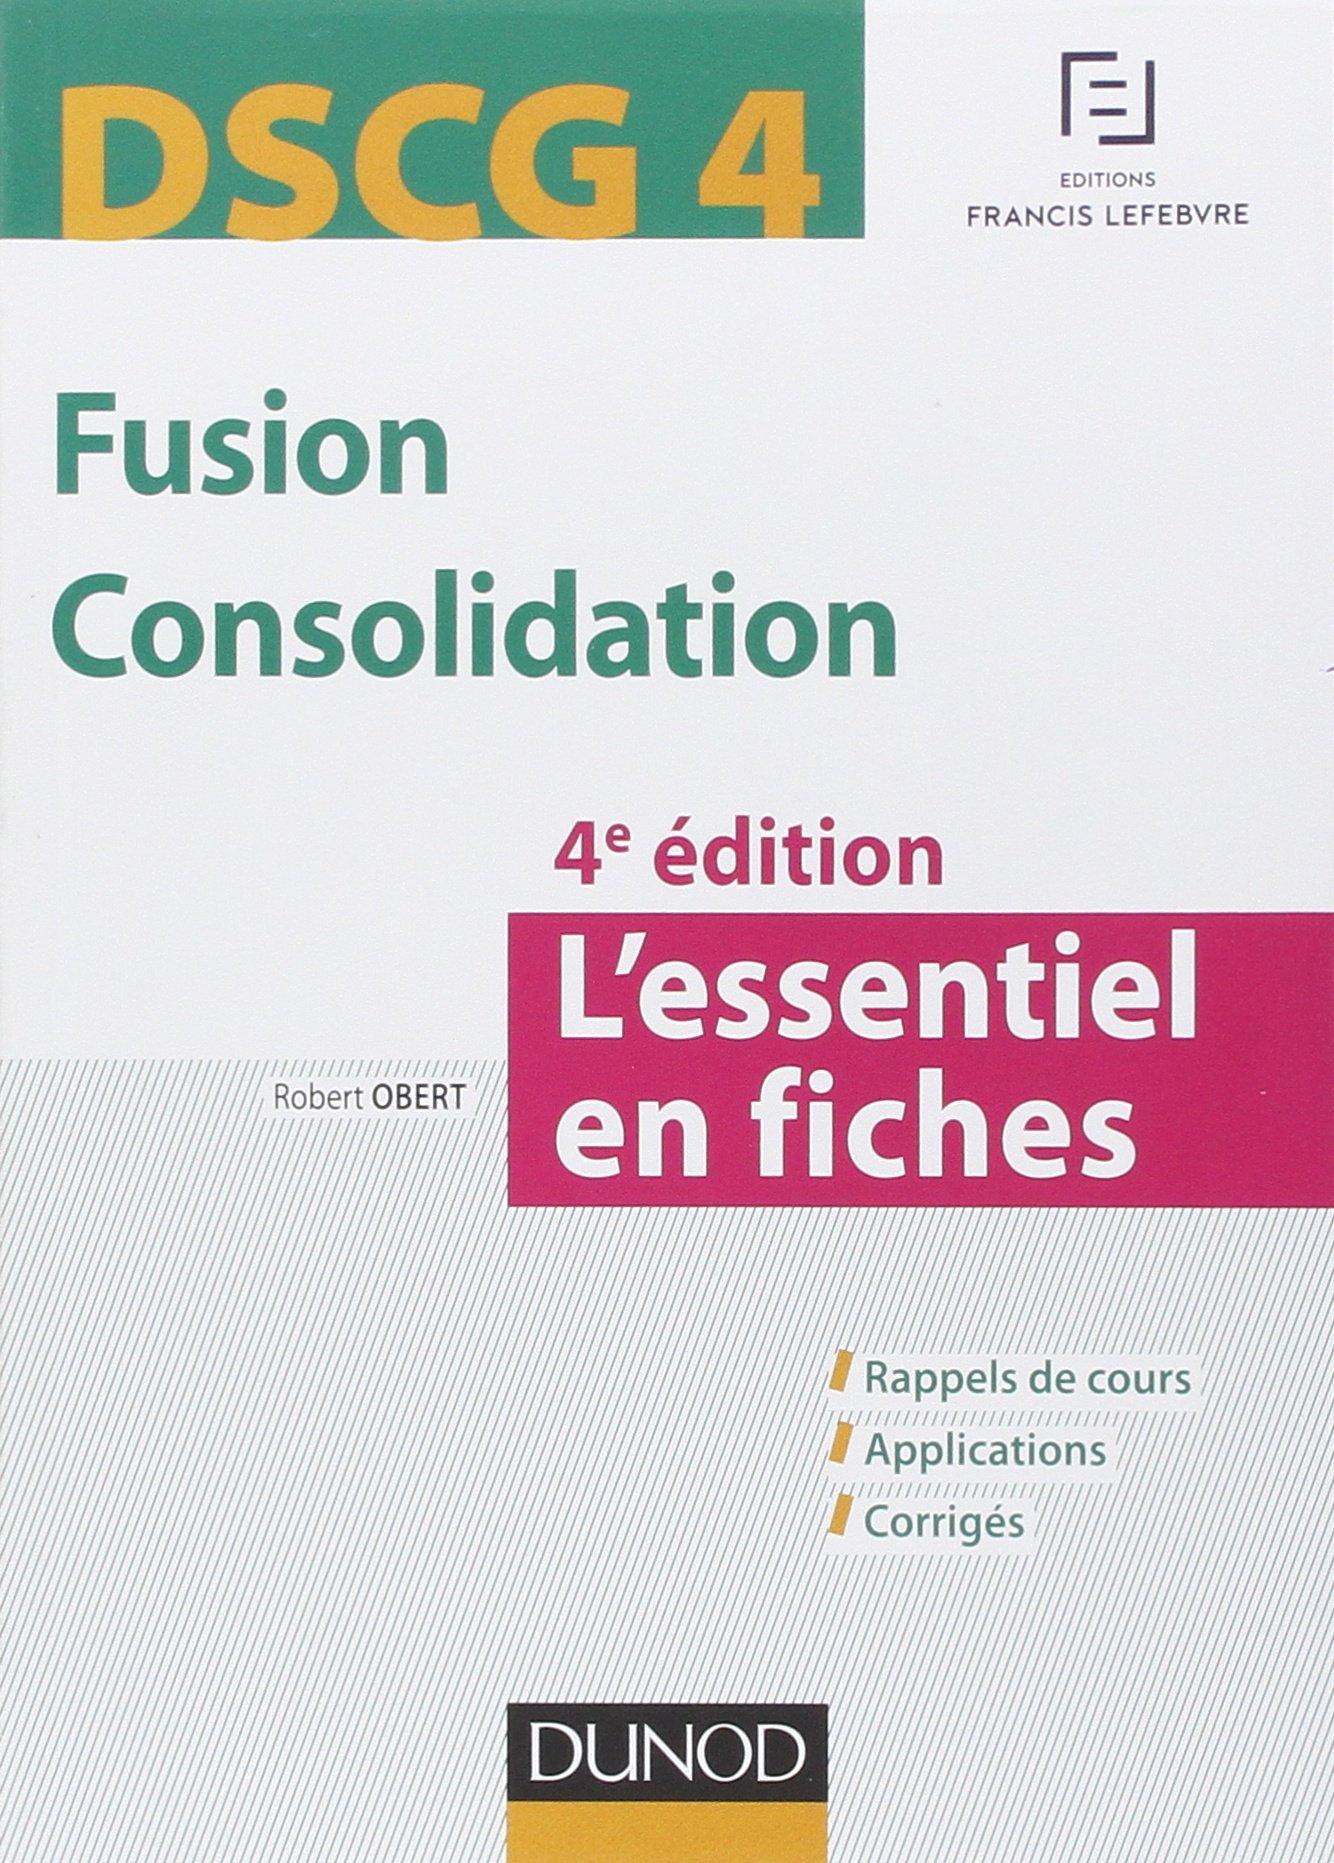 DSCG 4 - Fusion Consolidation : L'essentiel en fiches